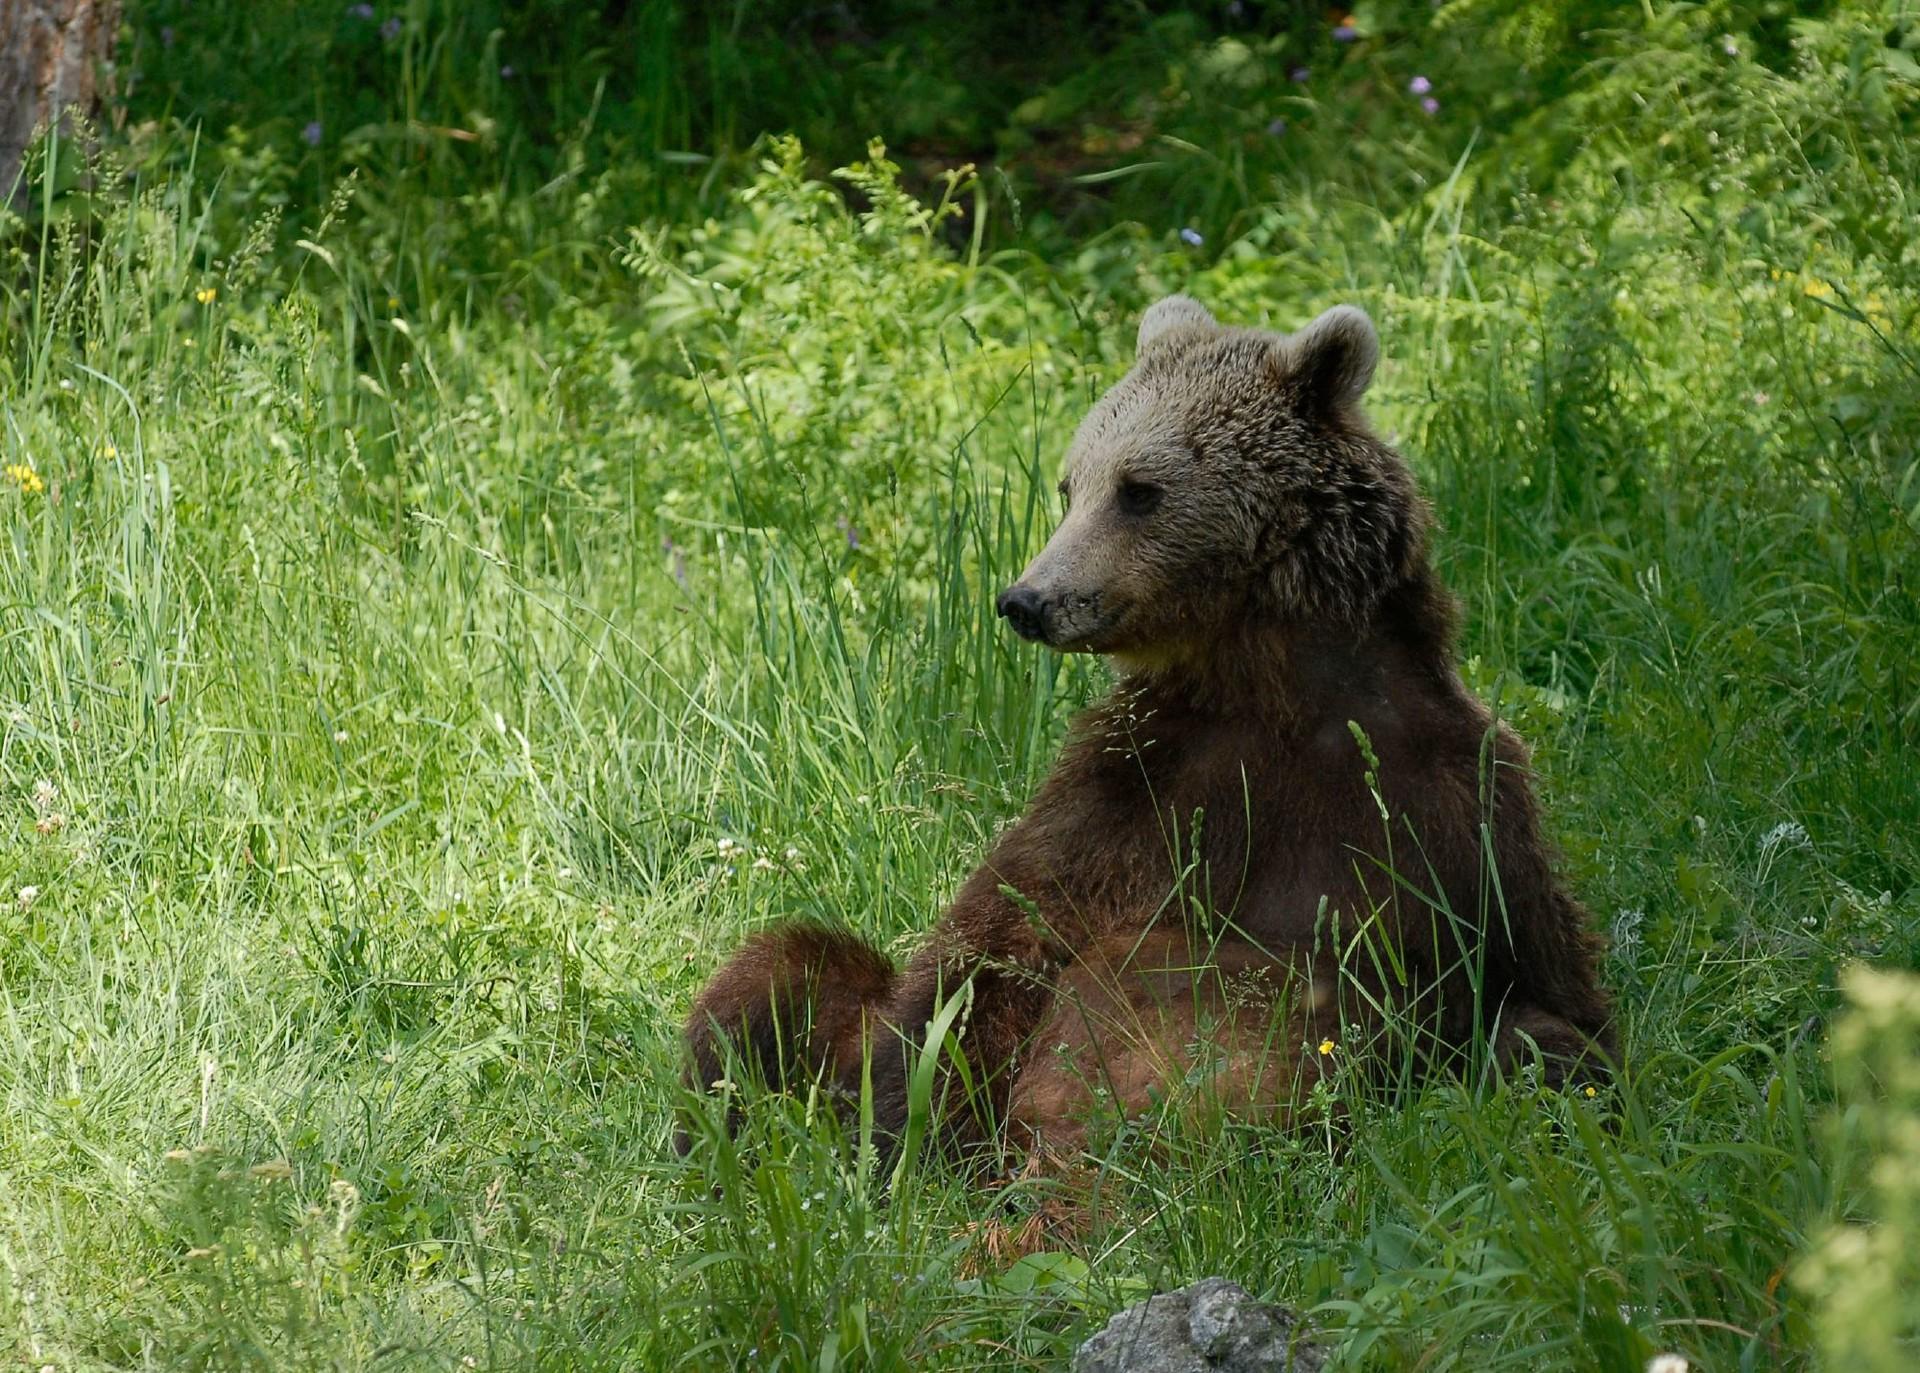 Bär sitzt auf einer Wiese